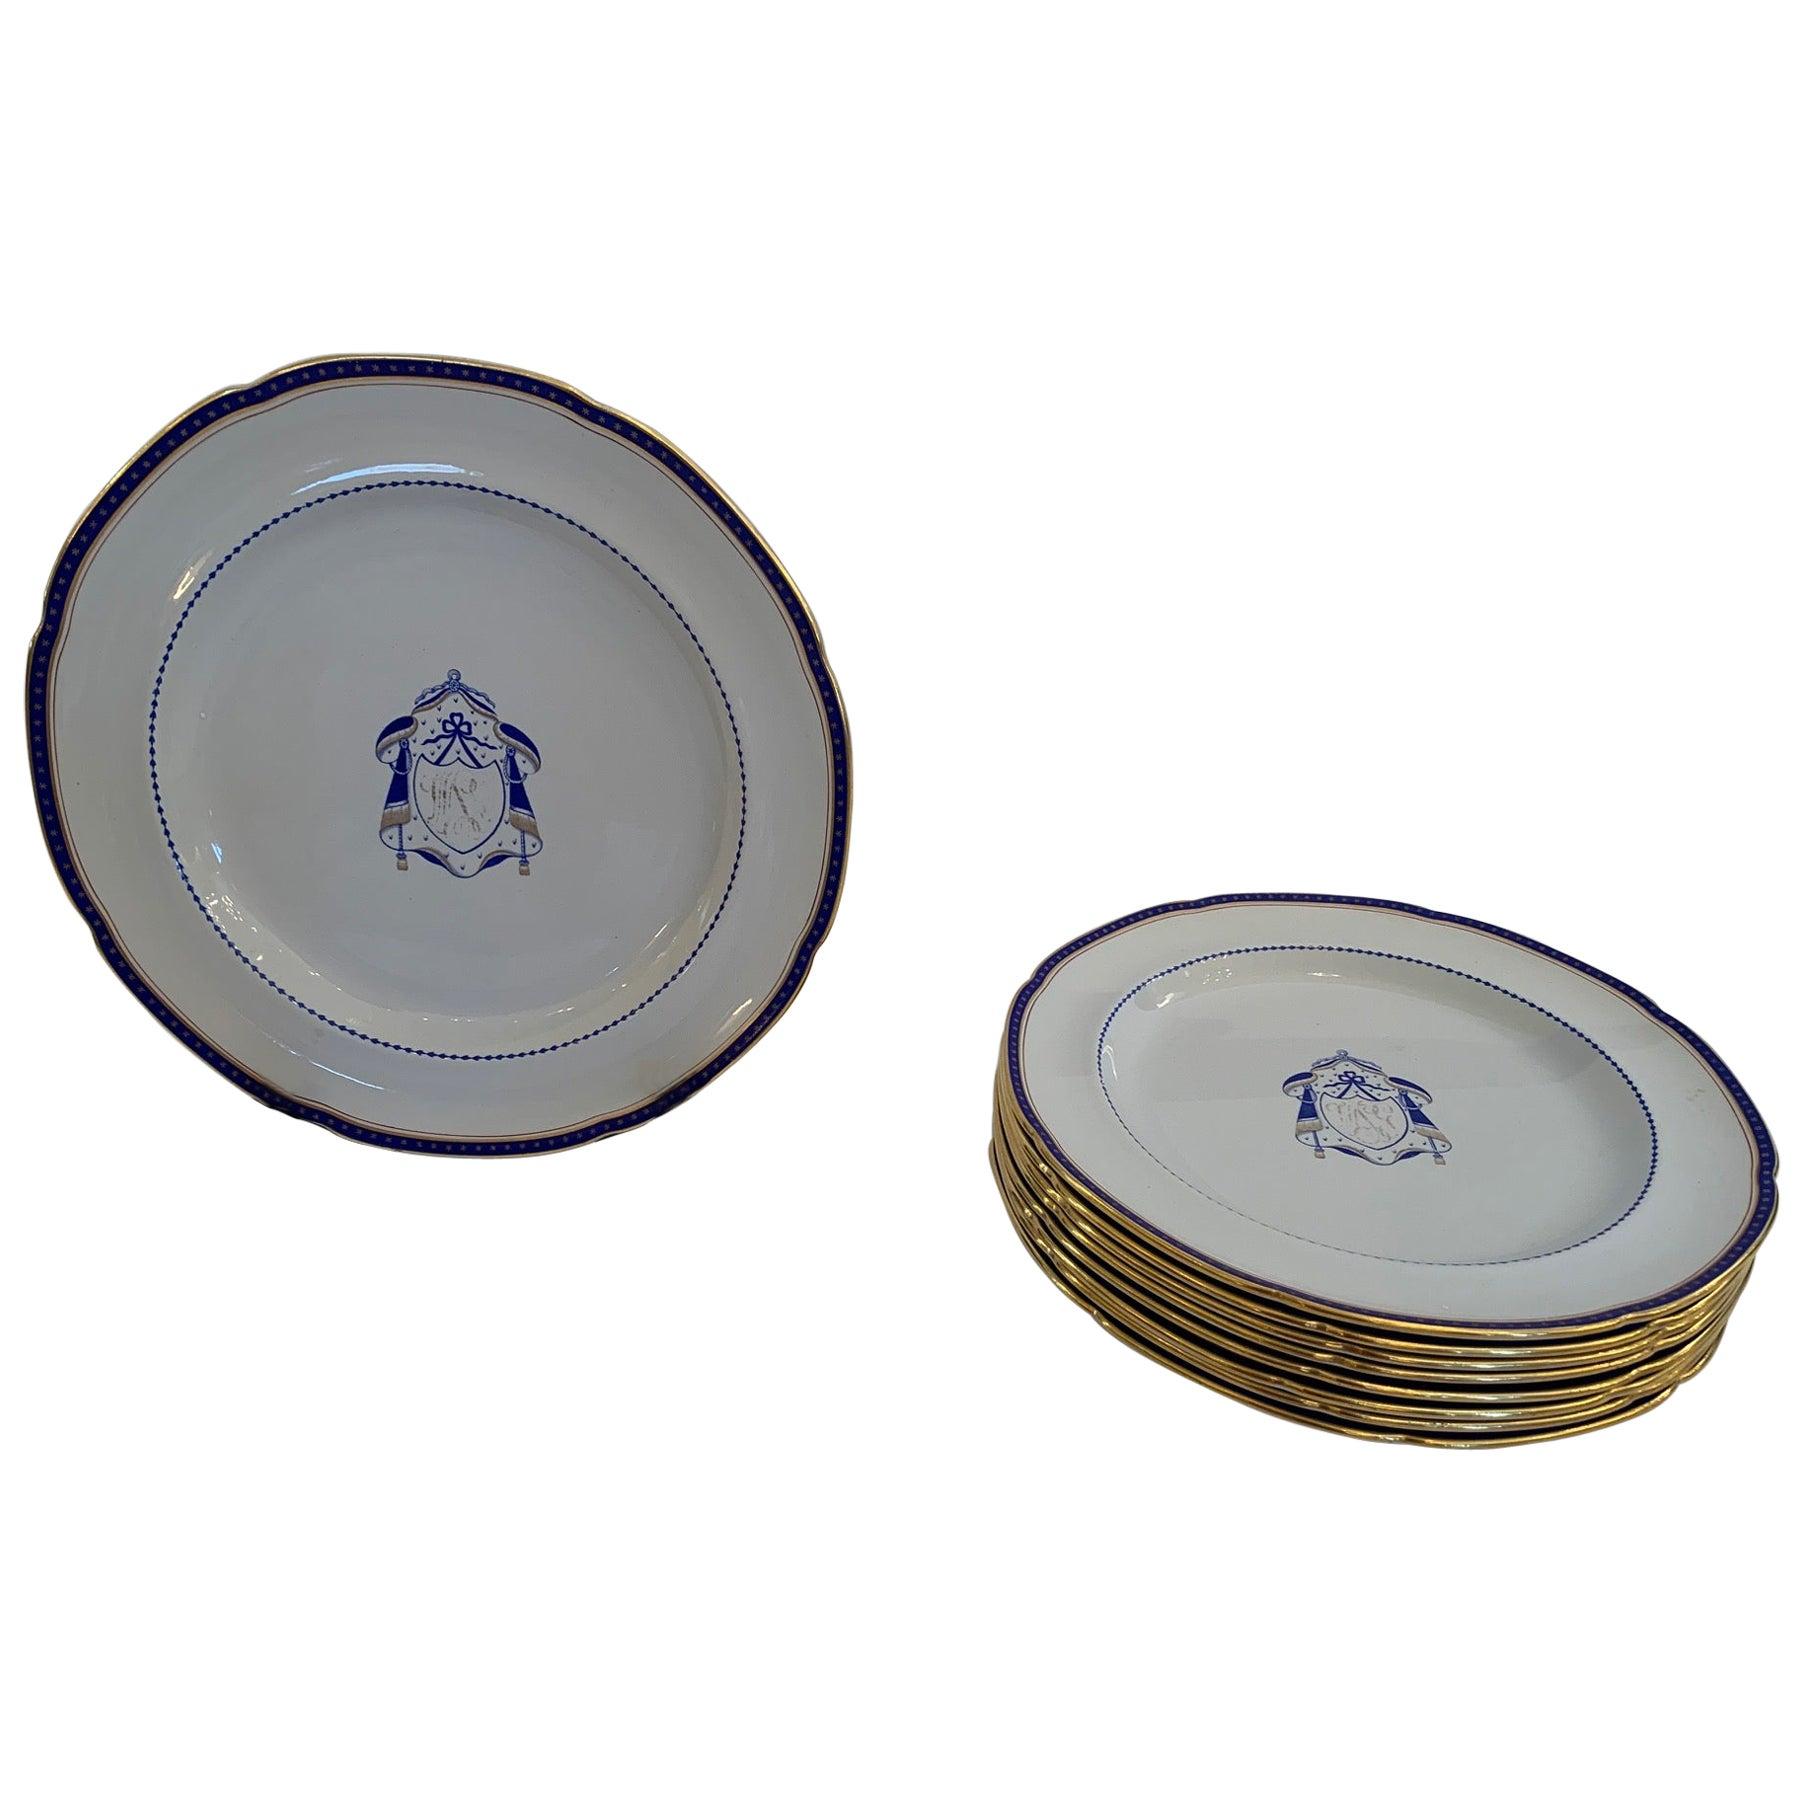 Set of 9 Antique Copeland Spode Dinner Plates